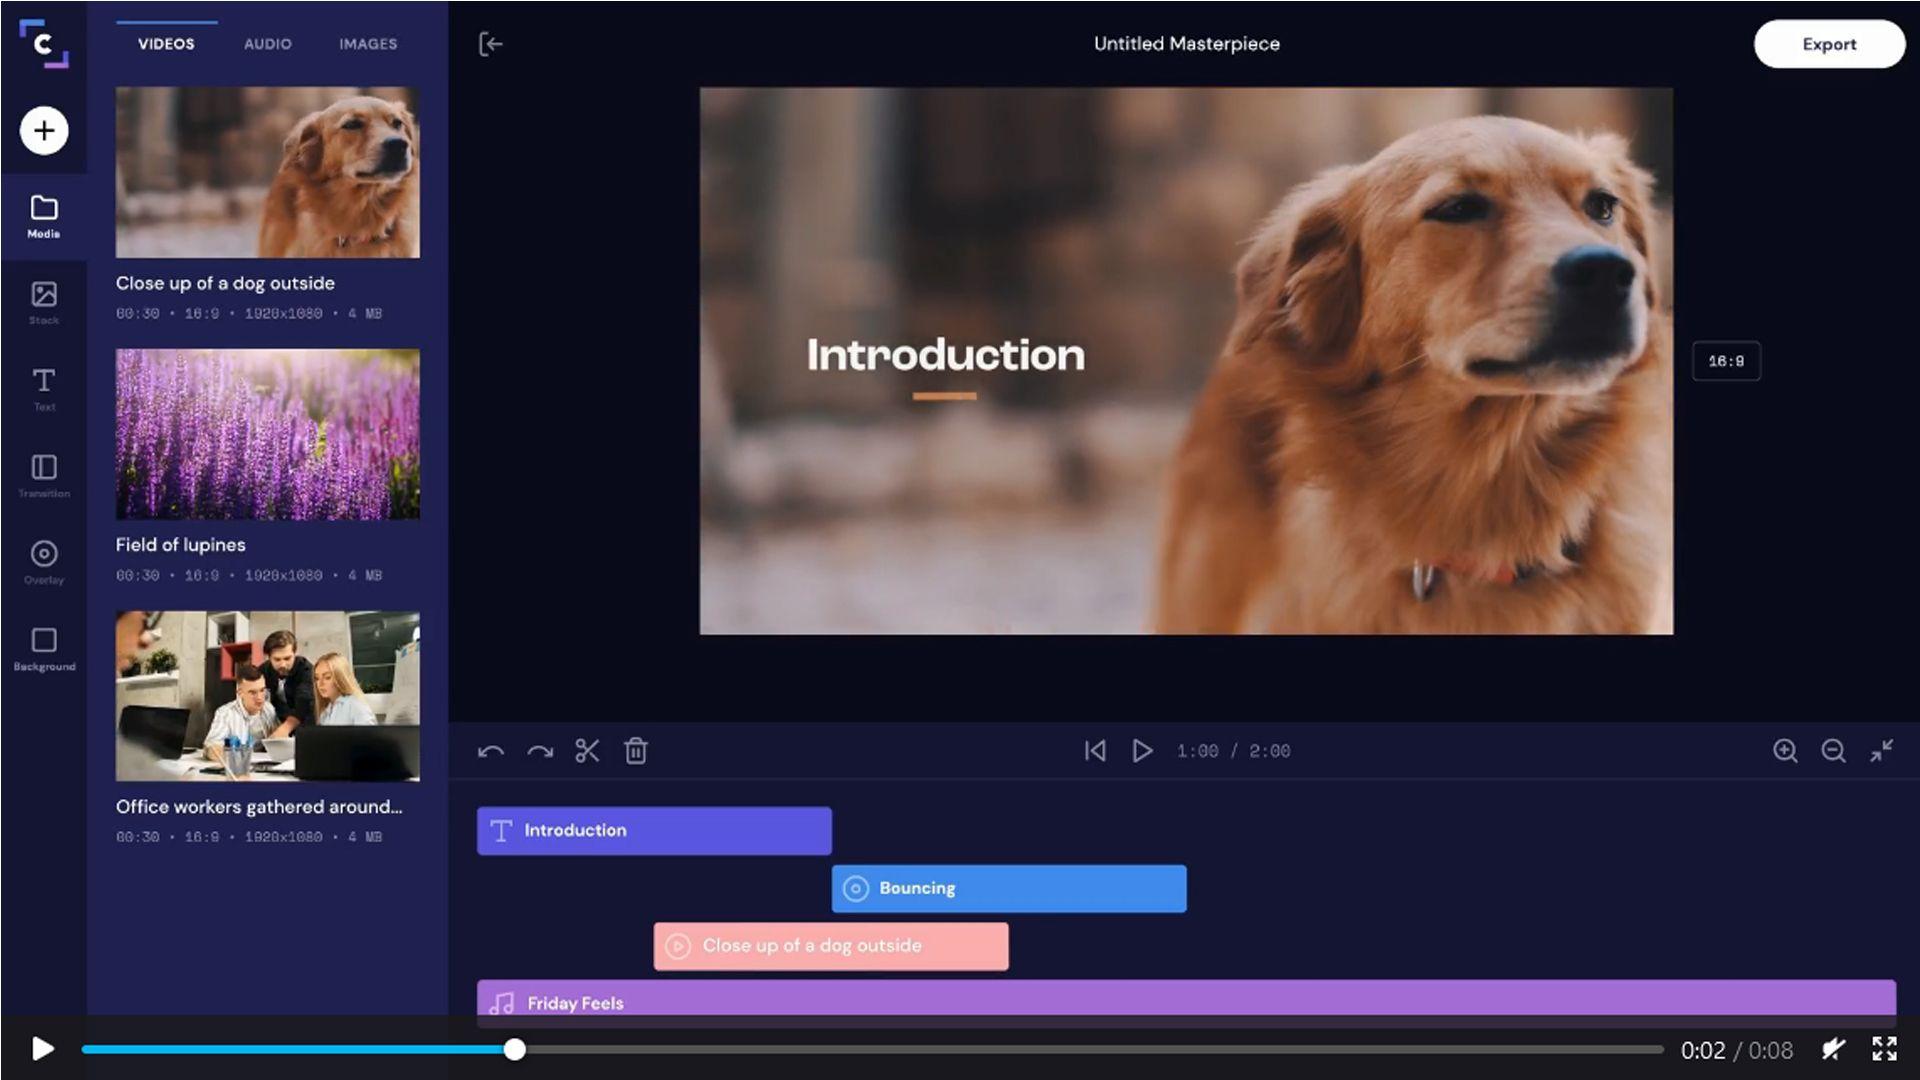 Captura de tela do ClipChamp que mostra um vídeo sendo editado